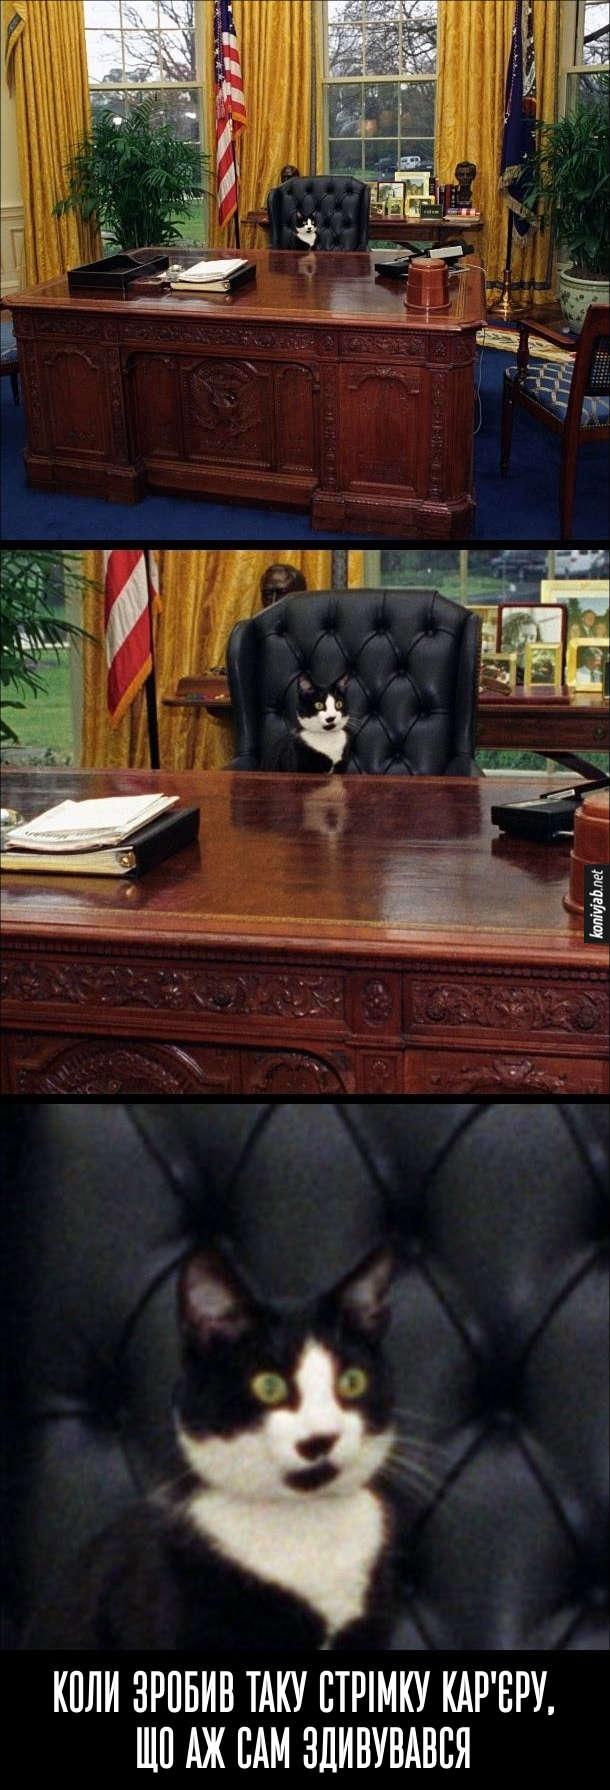 Прикол. Кіт в кріслі президента США. Коли зробив таку стрімку кар'єру, що аж сам здивувався